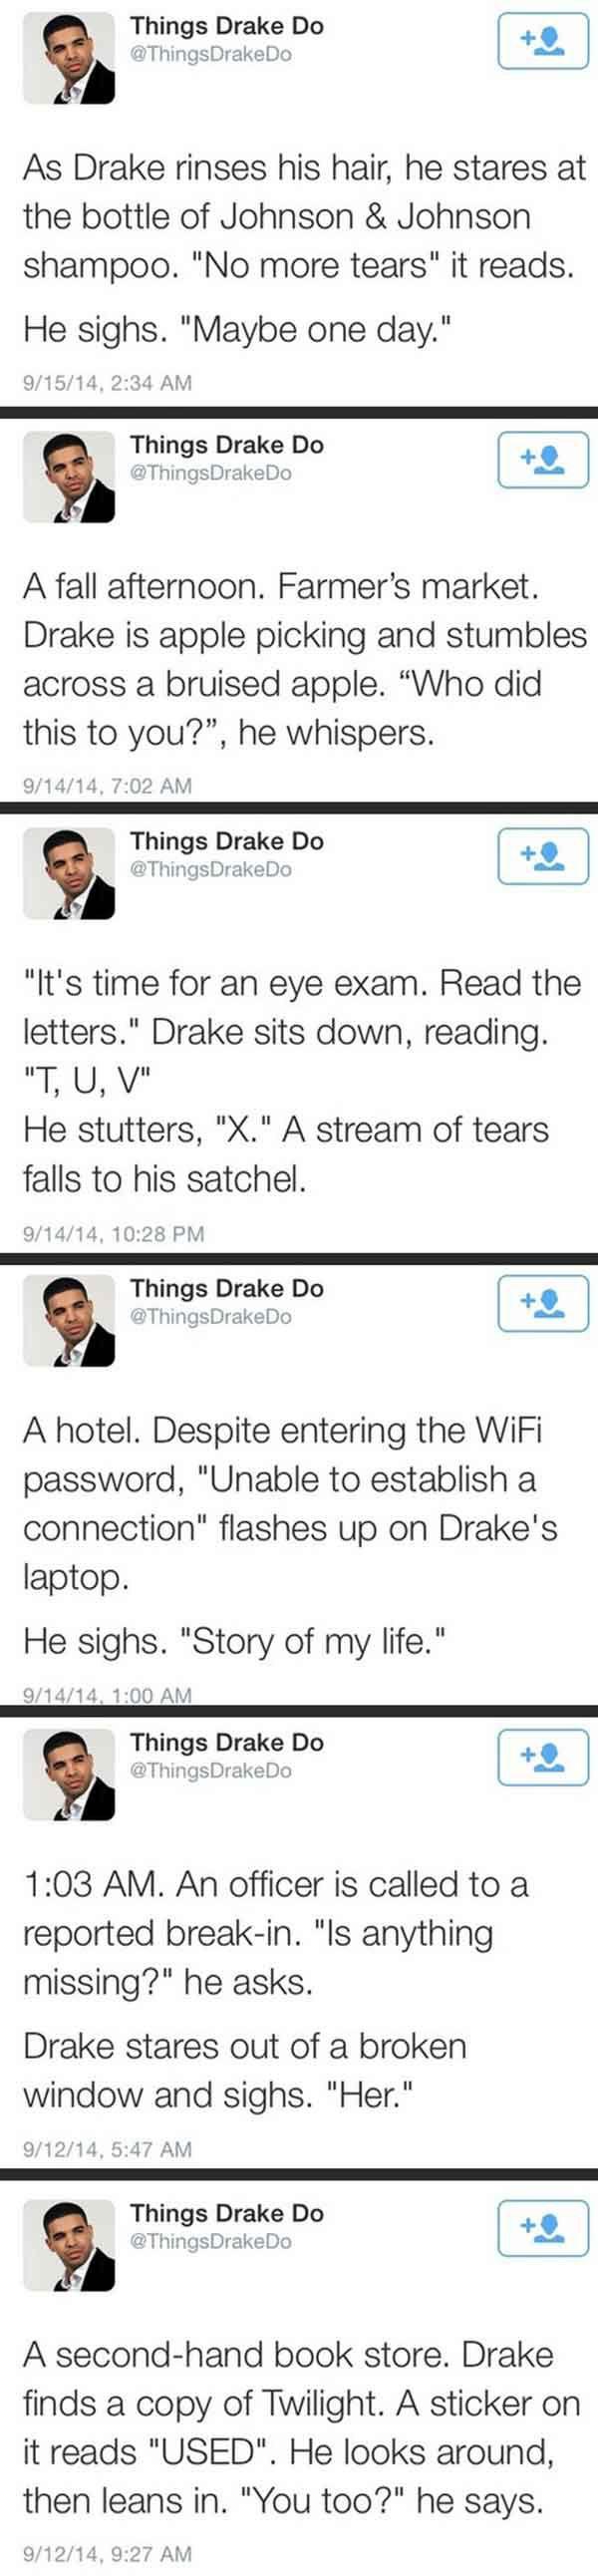 Things Drake Do